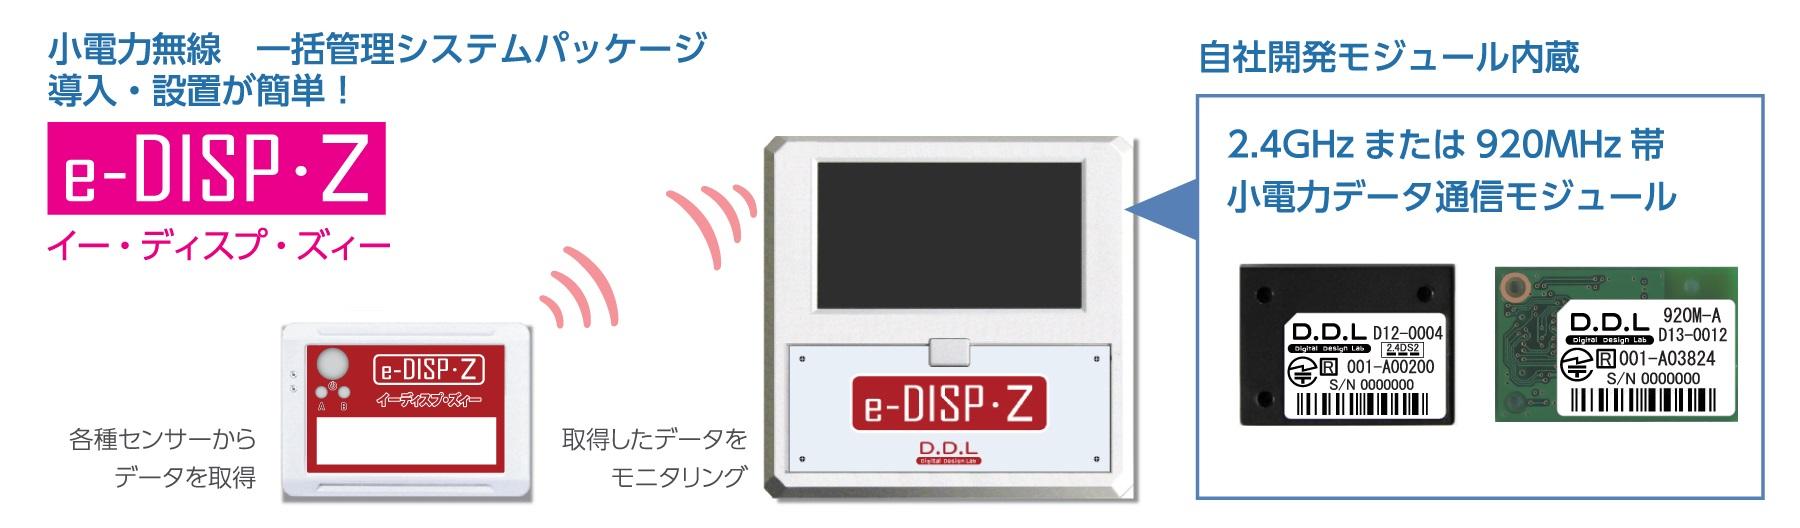 e-DISP・Zの図解説明